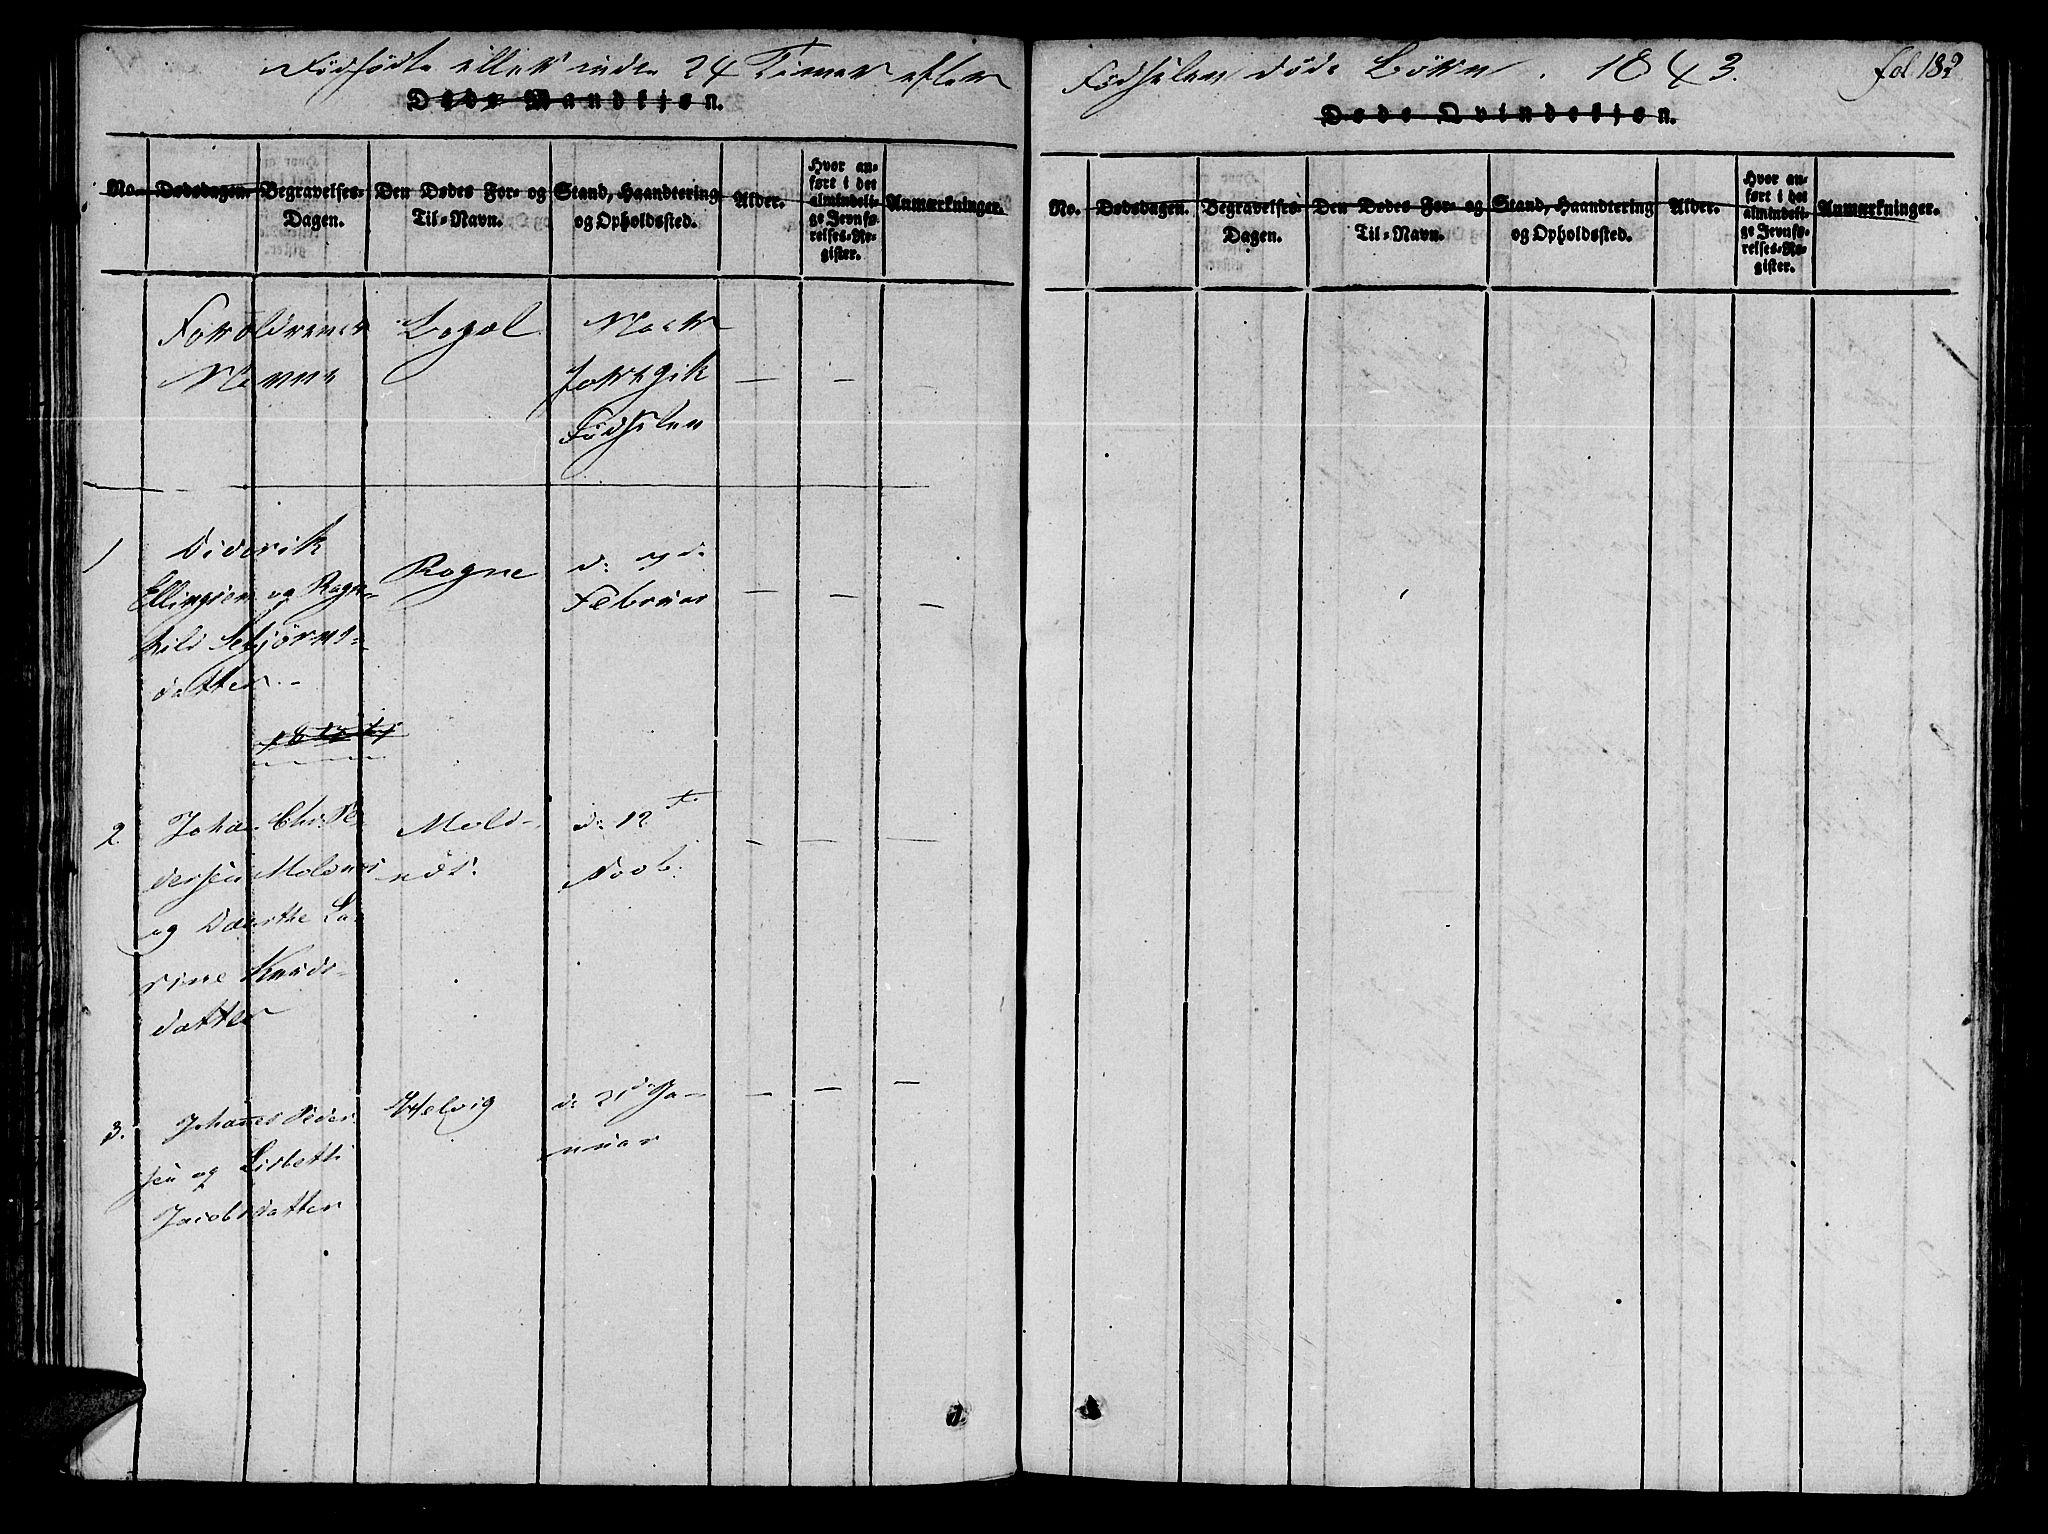 SAT, Ministerialprotokoller, klokkerbøker og fødselsregistre - Møre og Romsdal, 536/L0495: Parish register (official) no. 536A04, 1818-1847, p. 182